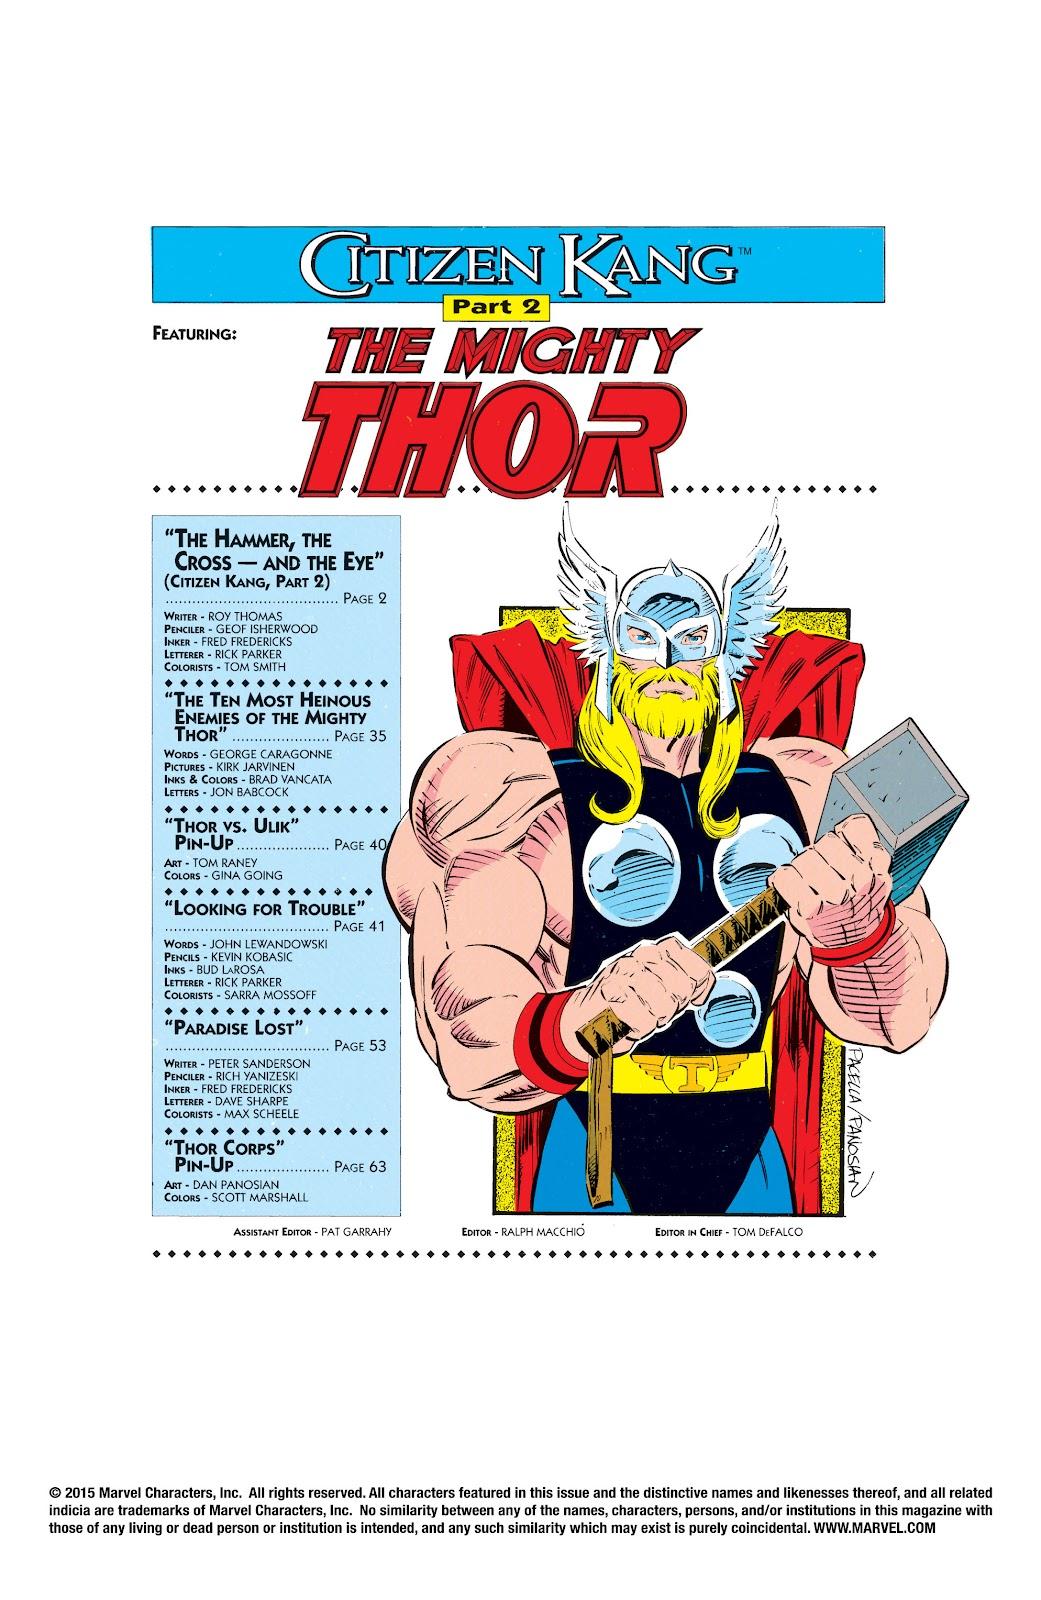 Read online Avengers: Citizen Kang comic -  Issue # TPB (Part 1) - 59